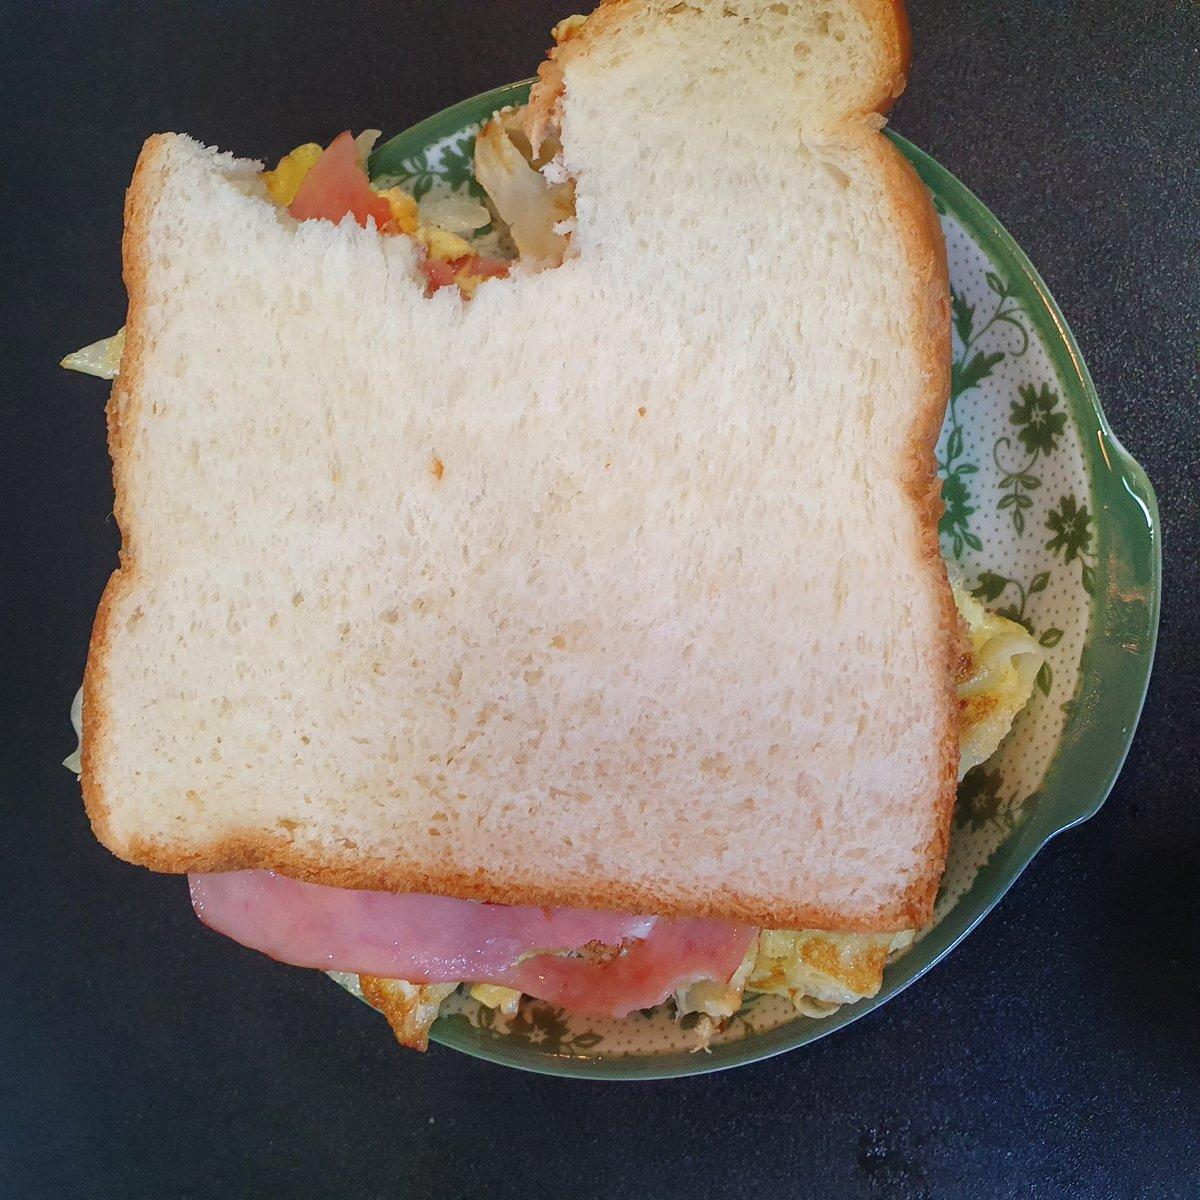 #냠냠 #먹트타그램 #토스트 #양배추 #햄 #계란 #치즈 #식용유 #다사왔는데 #우유가없더라고 #ㅠㅠ https://t.co/JzQXQqq9Mf